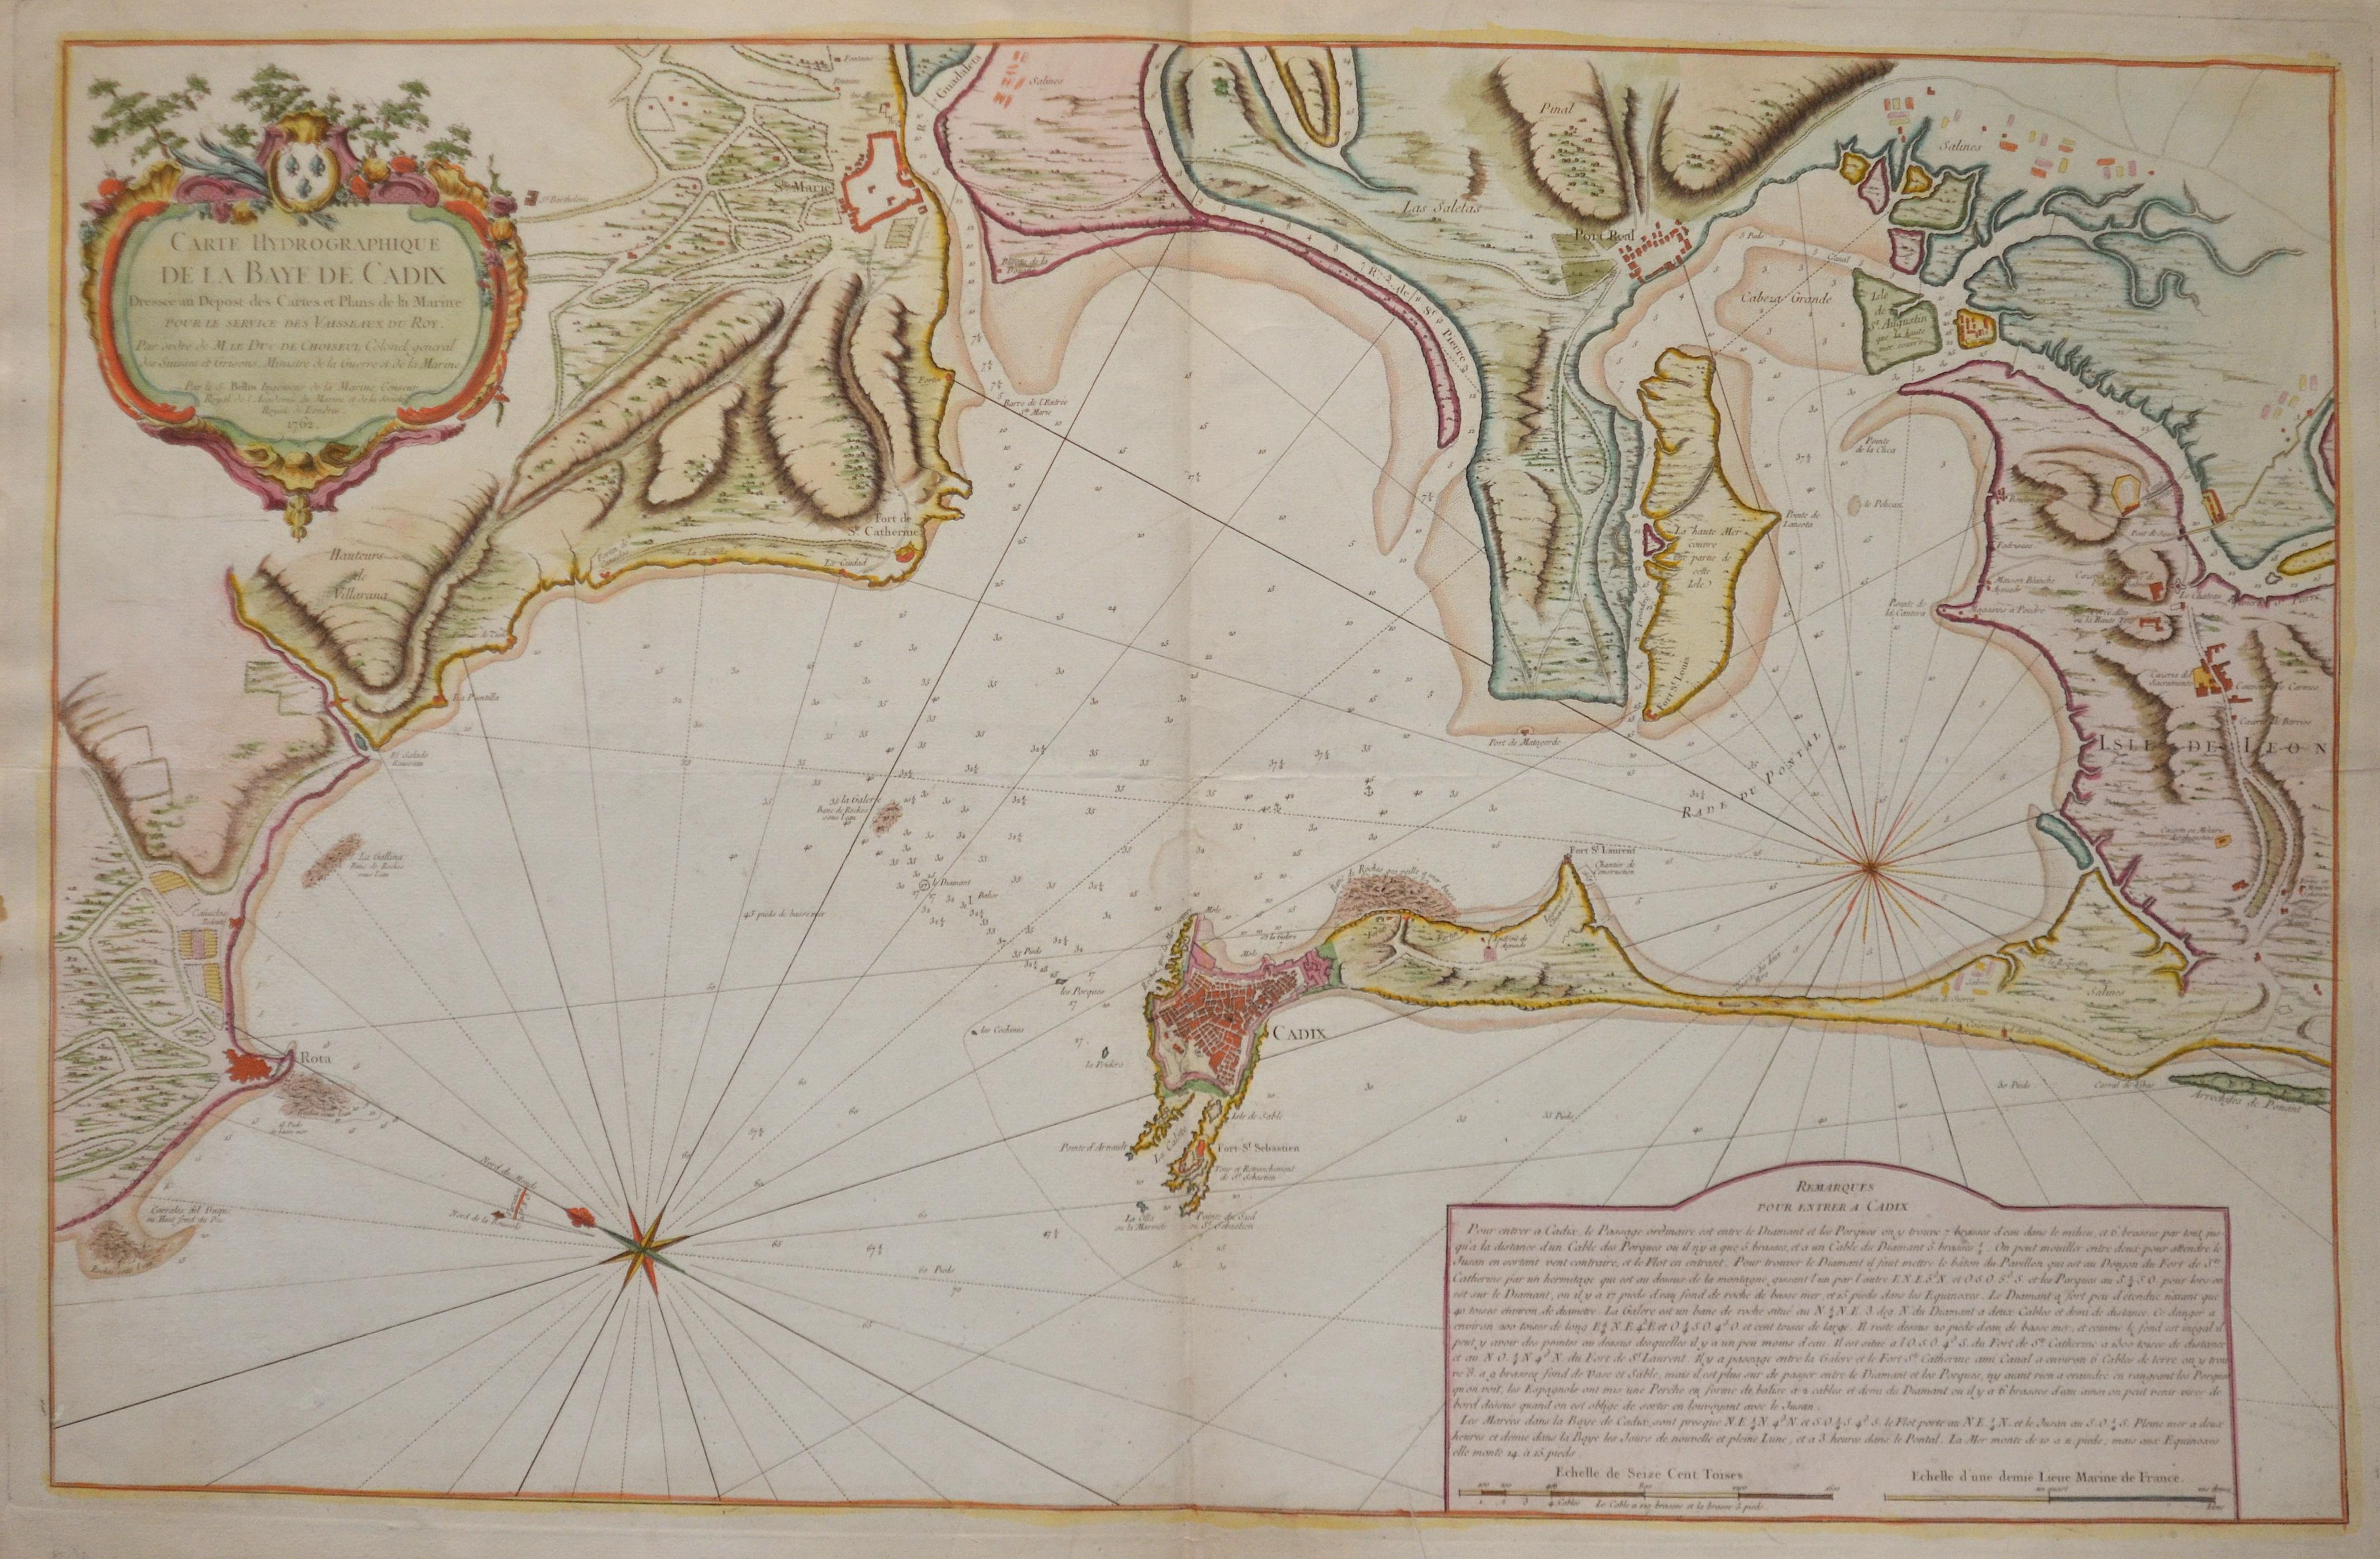 Bellin  Carte Hydrographique de la Baye de Cadix